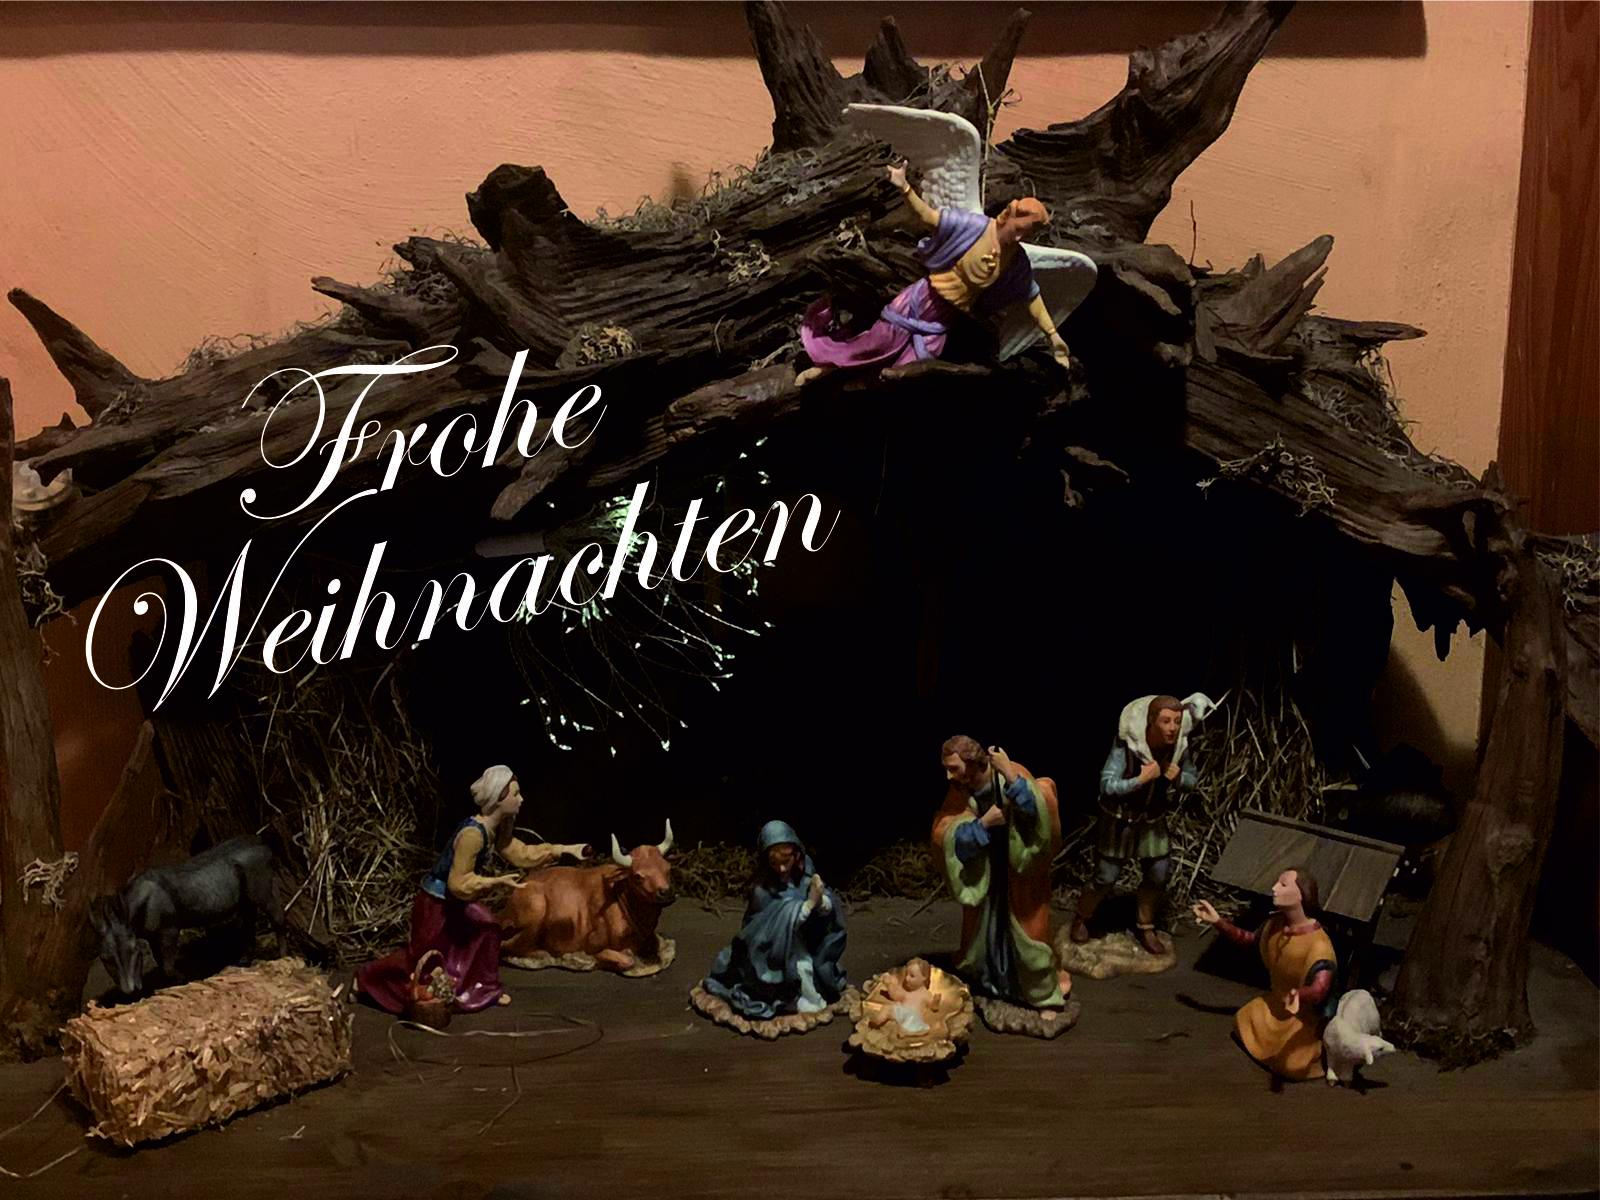 frohe Weihnachtten